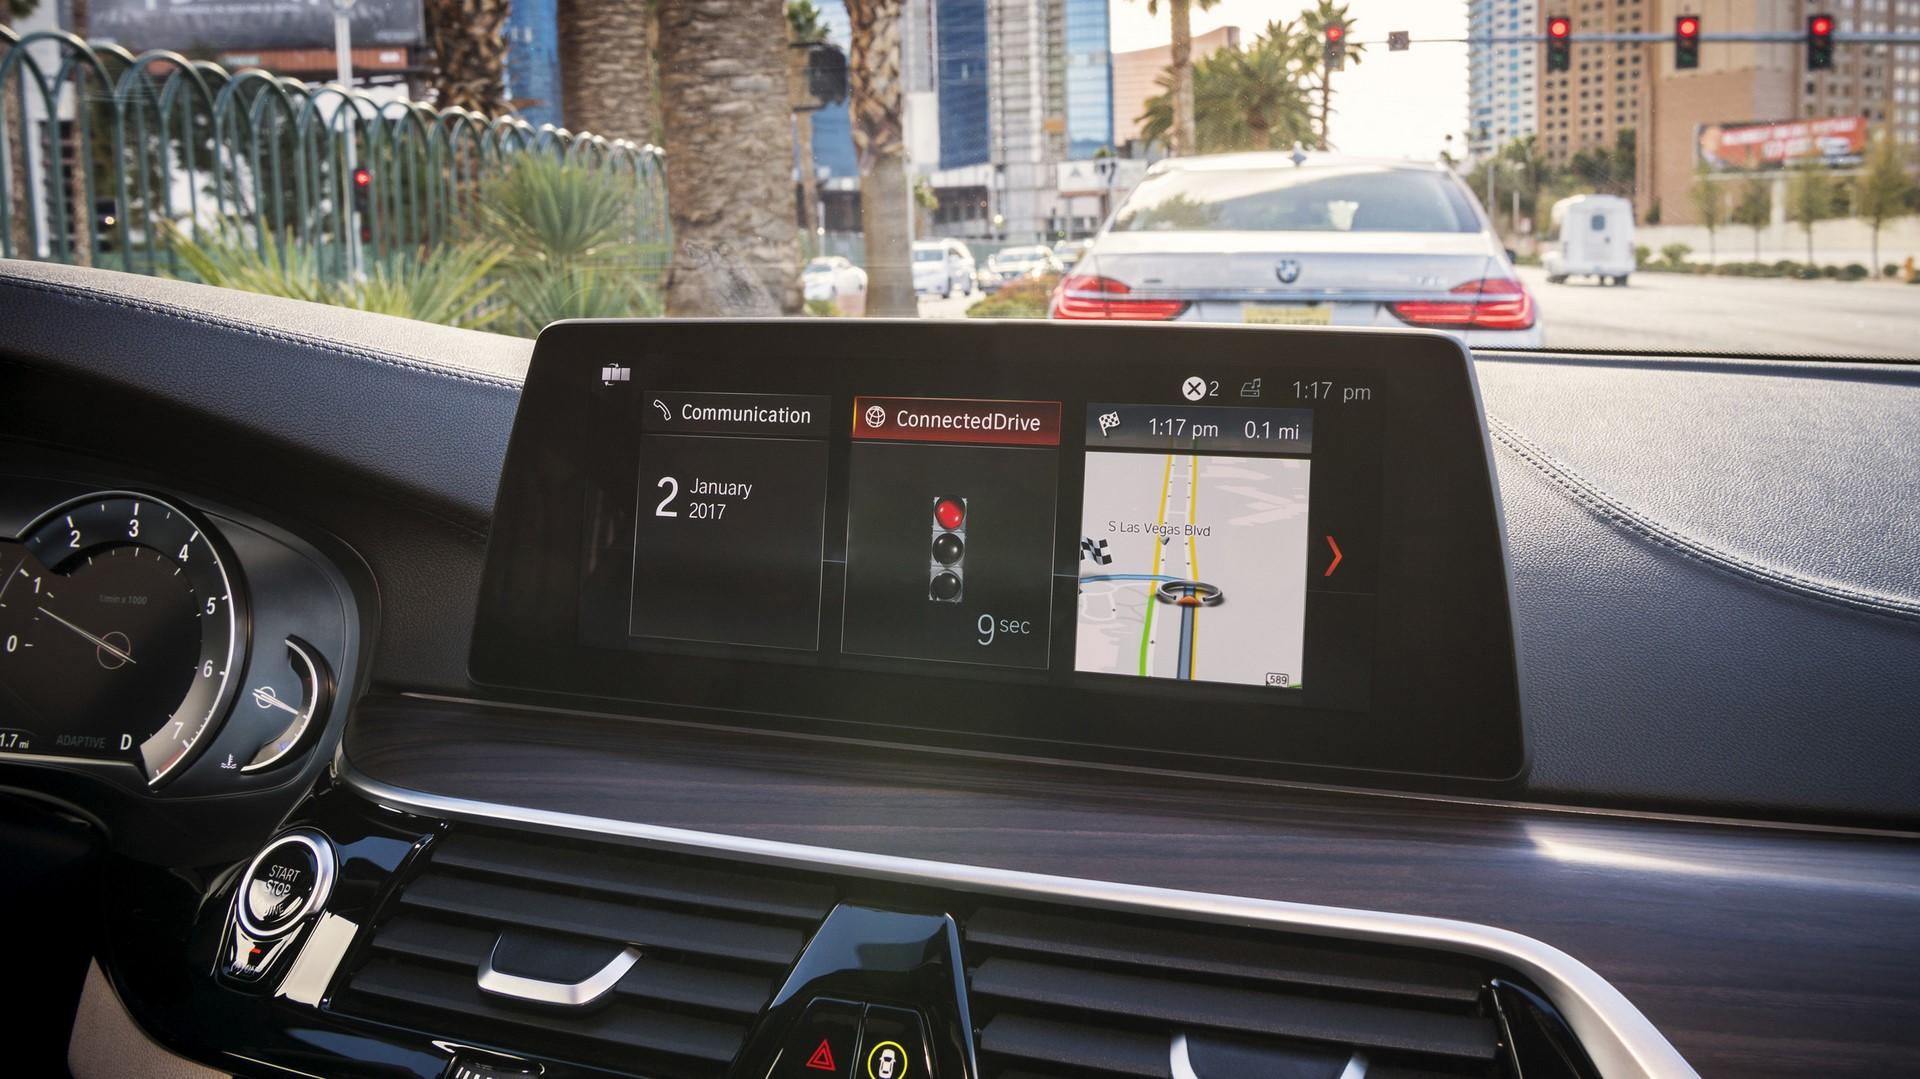 BMW 5 Series Autonomous Prototype (13)